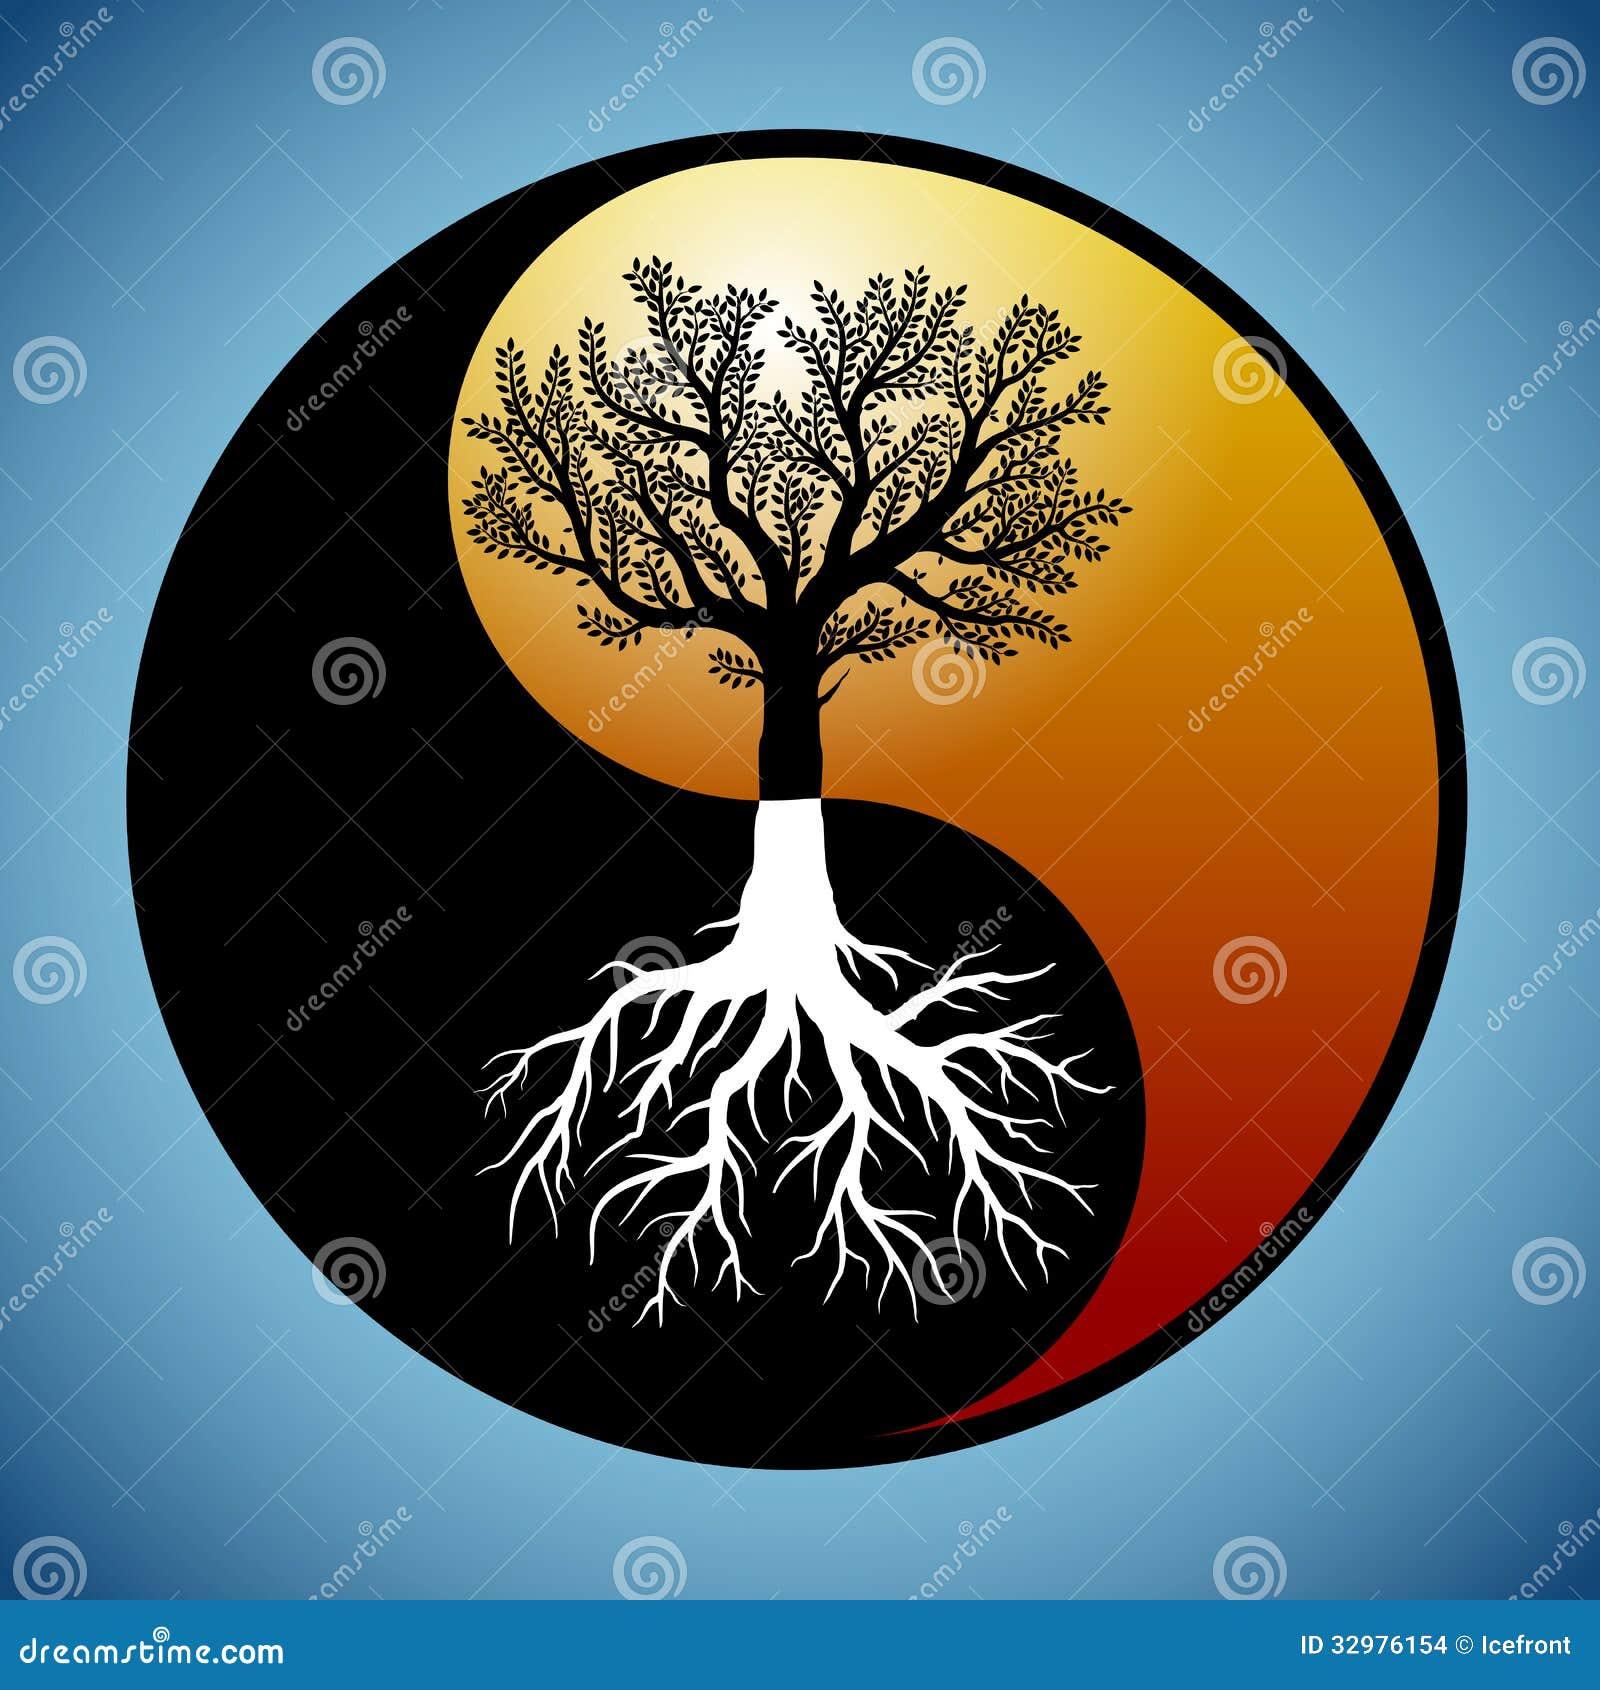 baum und seine wurzeln in yin yang symbol vektor abbildung. Black Bedroom Furniture Sets. Home Design Ideas